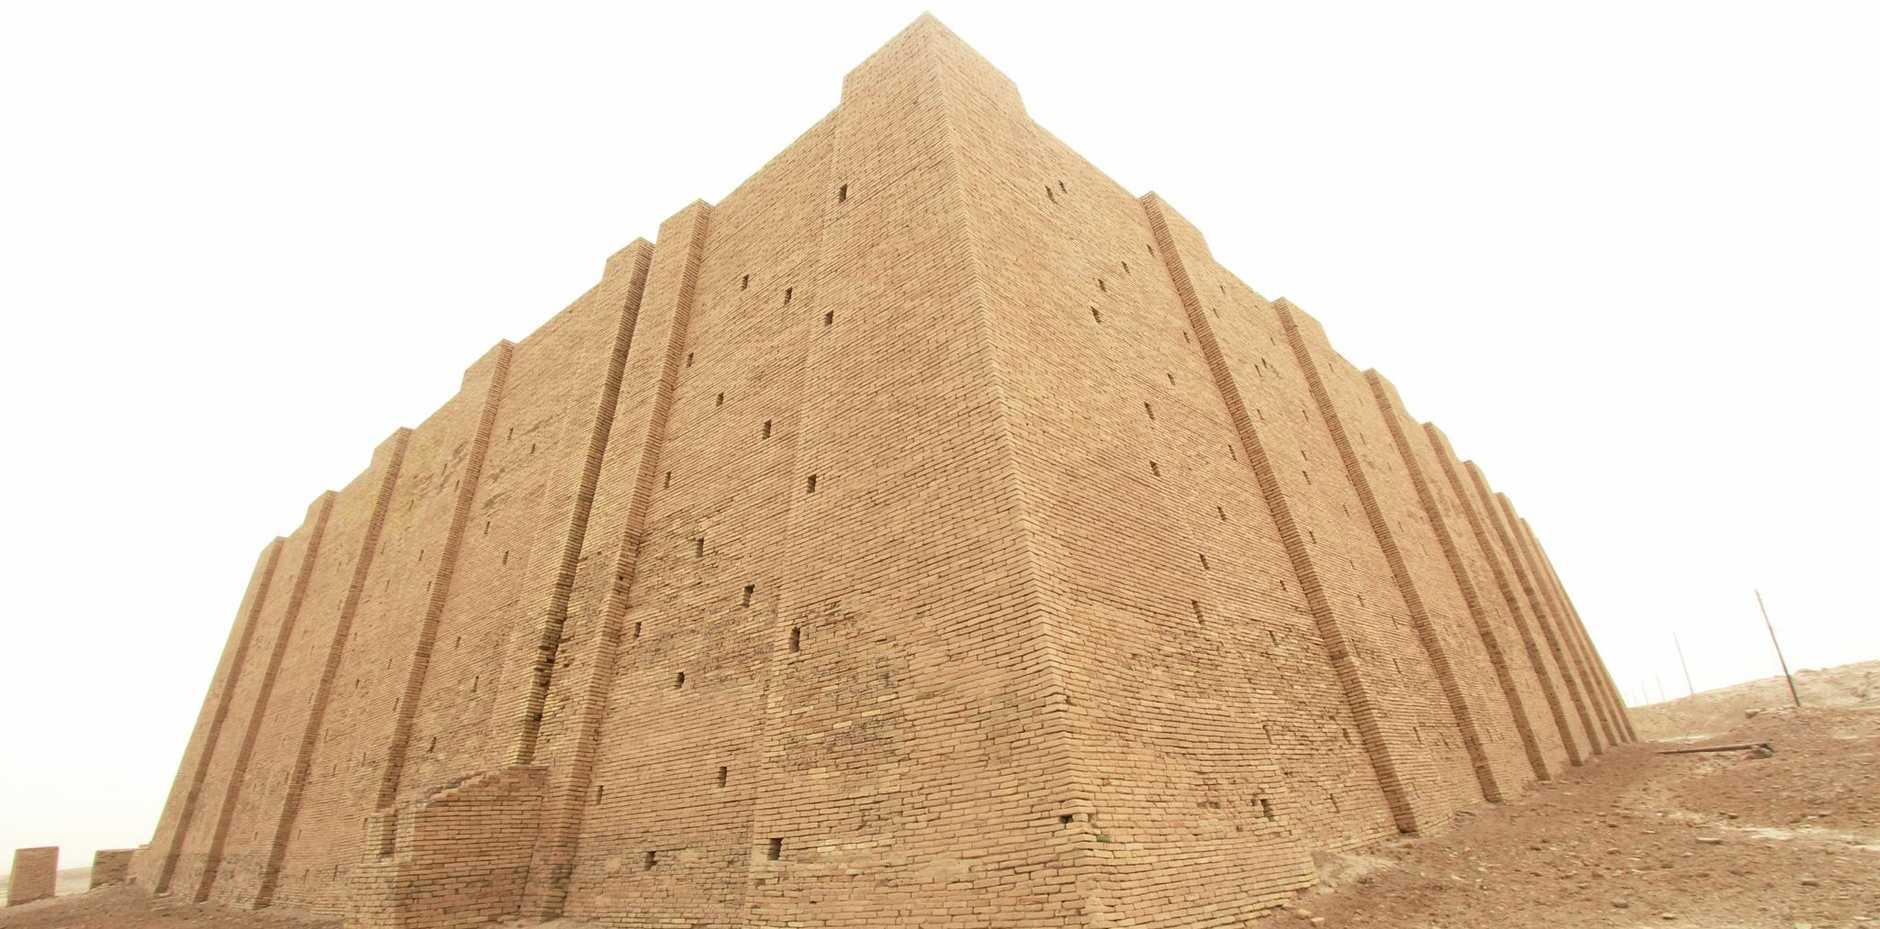 NEXT STOP PLUTO: The great Ziggurat of Ur